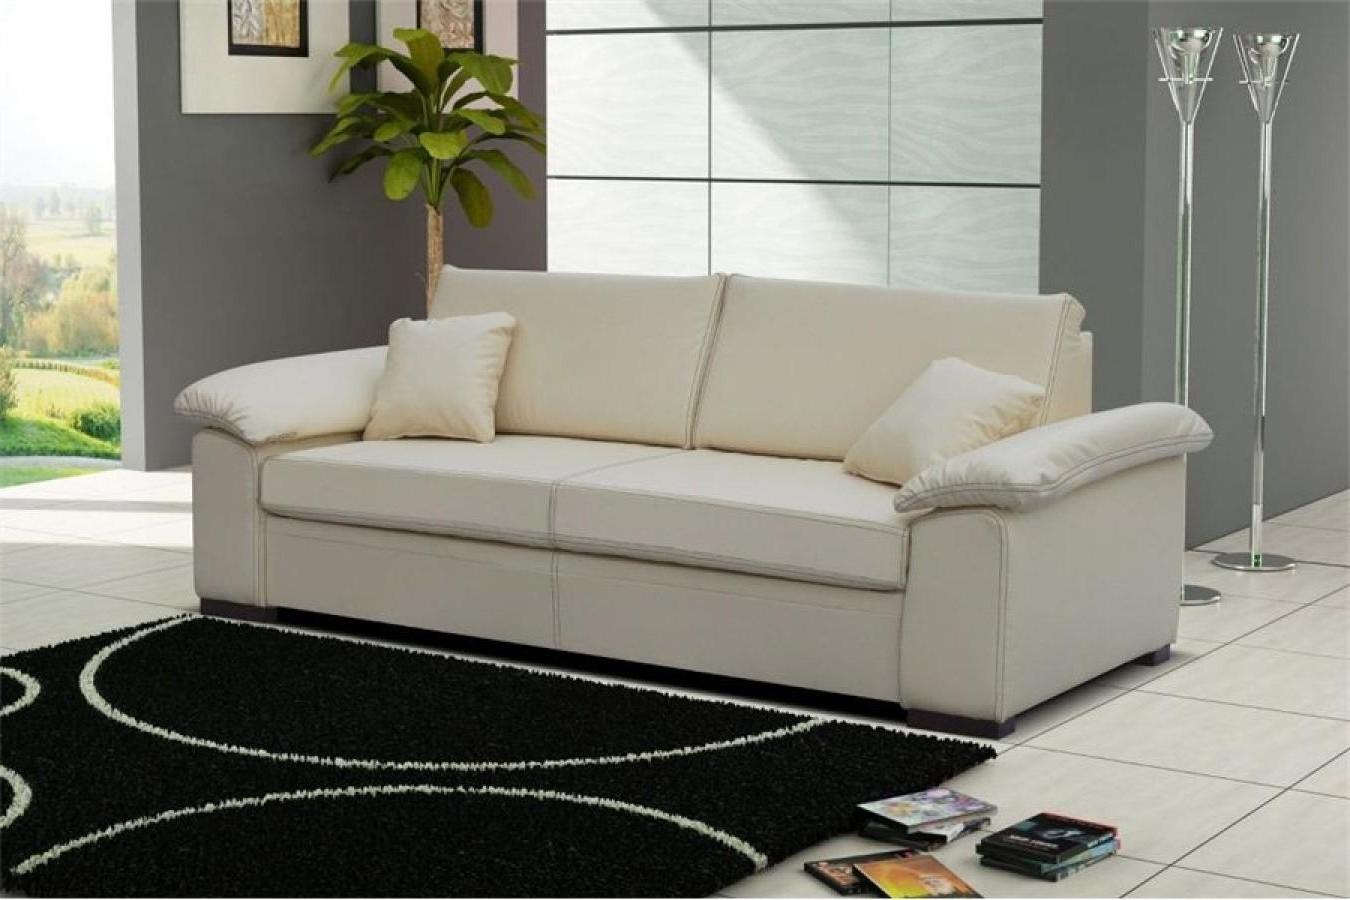 Canapé Lit Convertible Couchage Quotidien Ikea